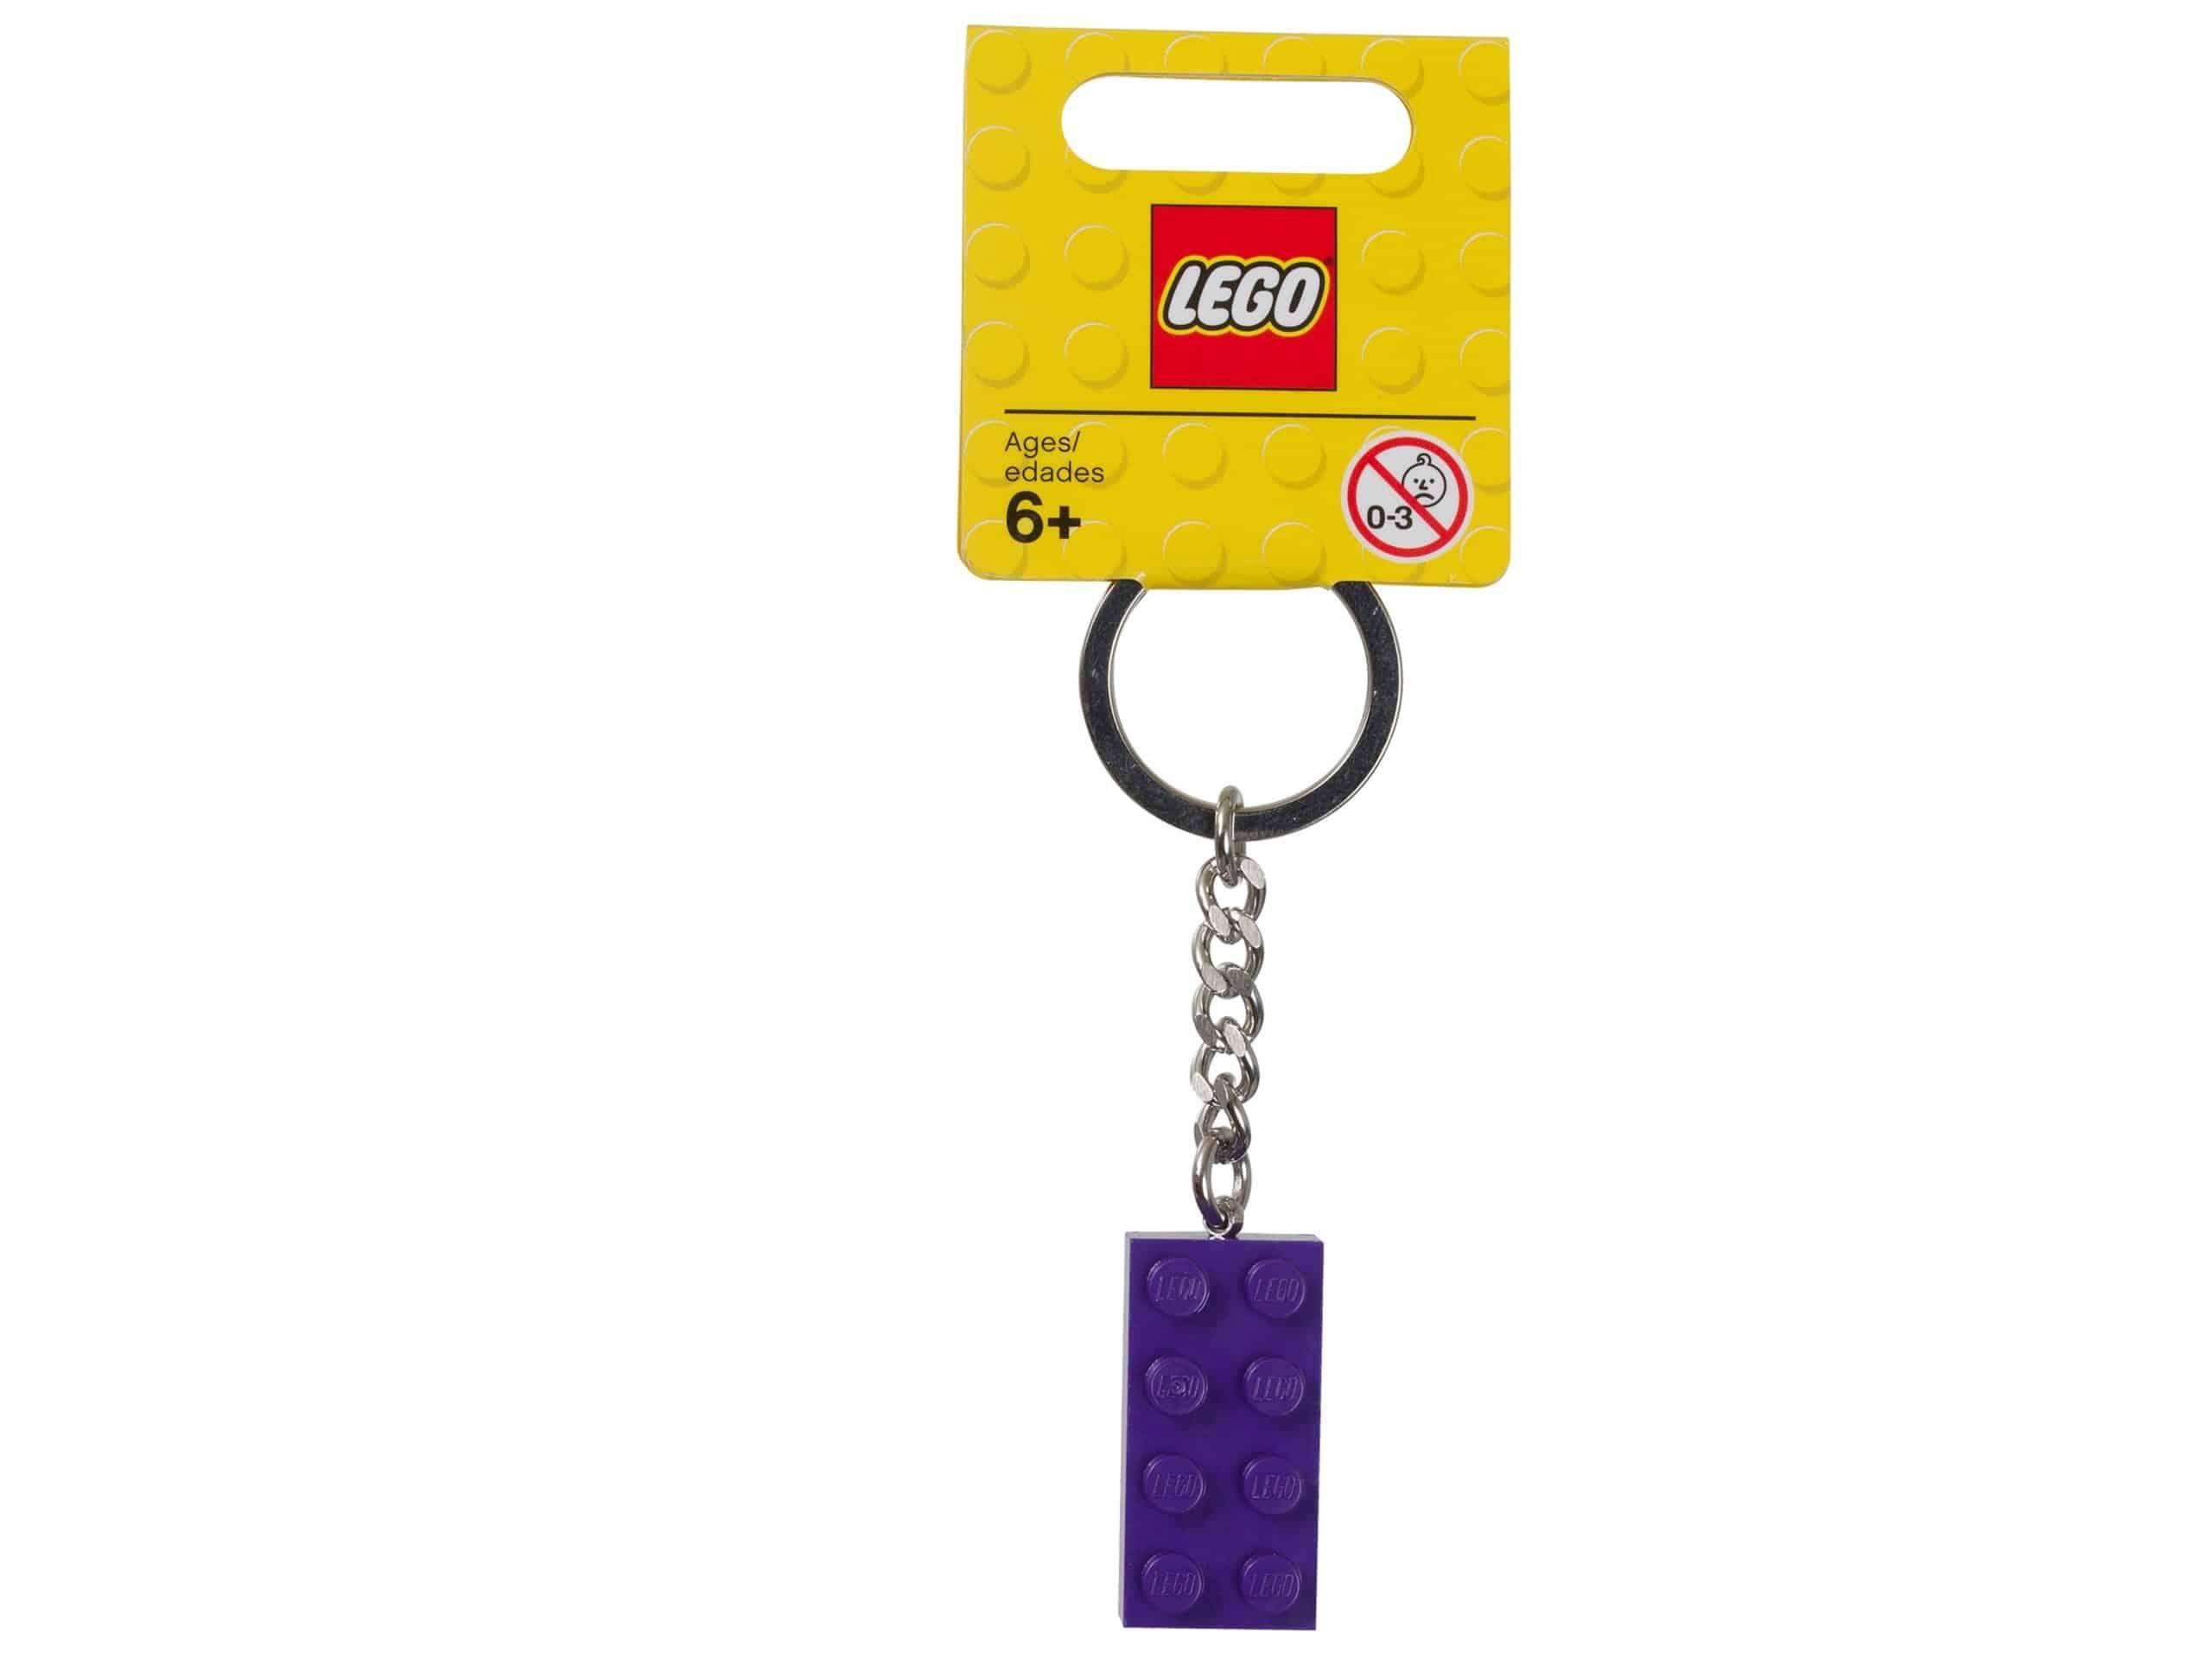 lego 853379 nyckelring med lila 2x4 kloss scaled